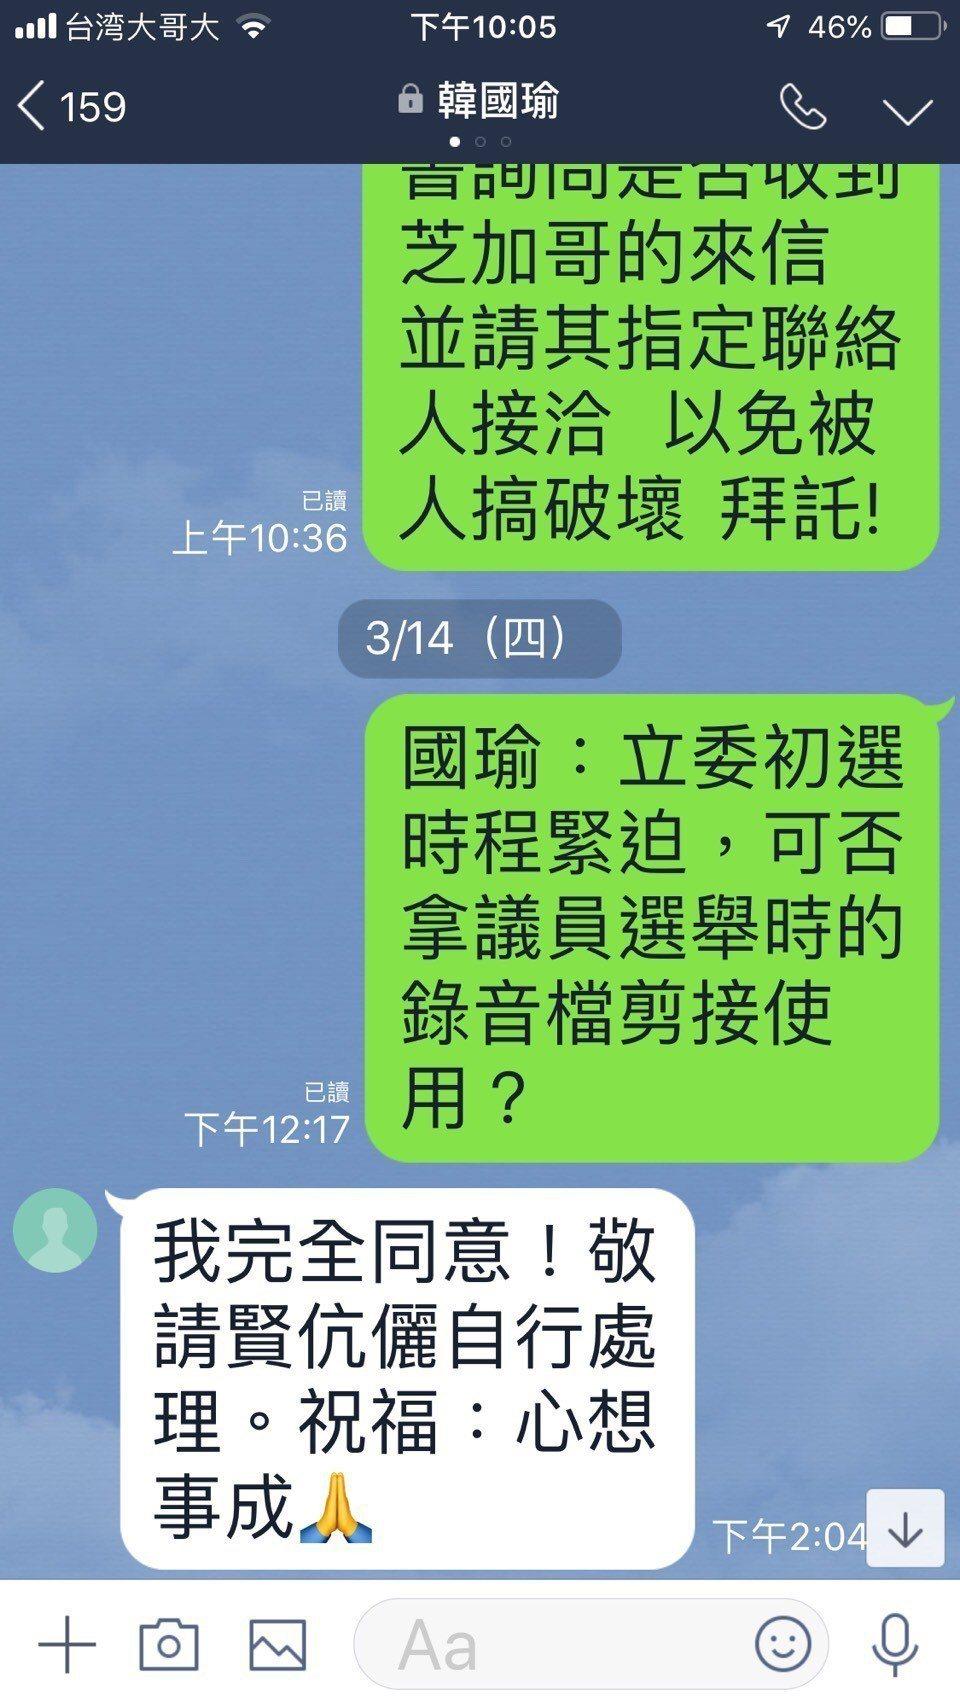 議員王鴻薇出示LINE對話截圖,表示先生陶允正過去就認識韓國瑜,錄音有獲得韓國瑜...